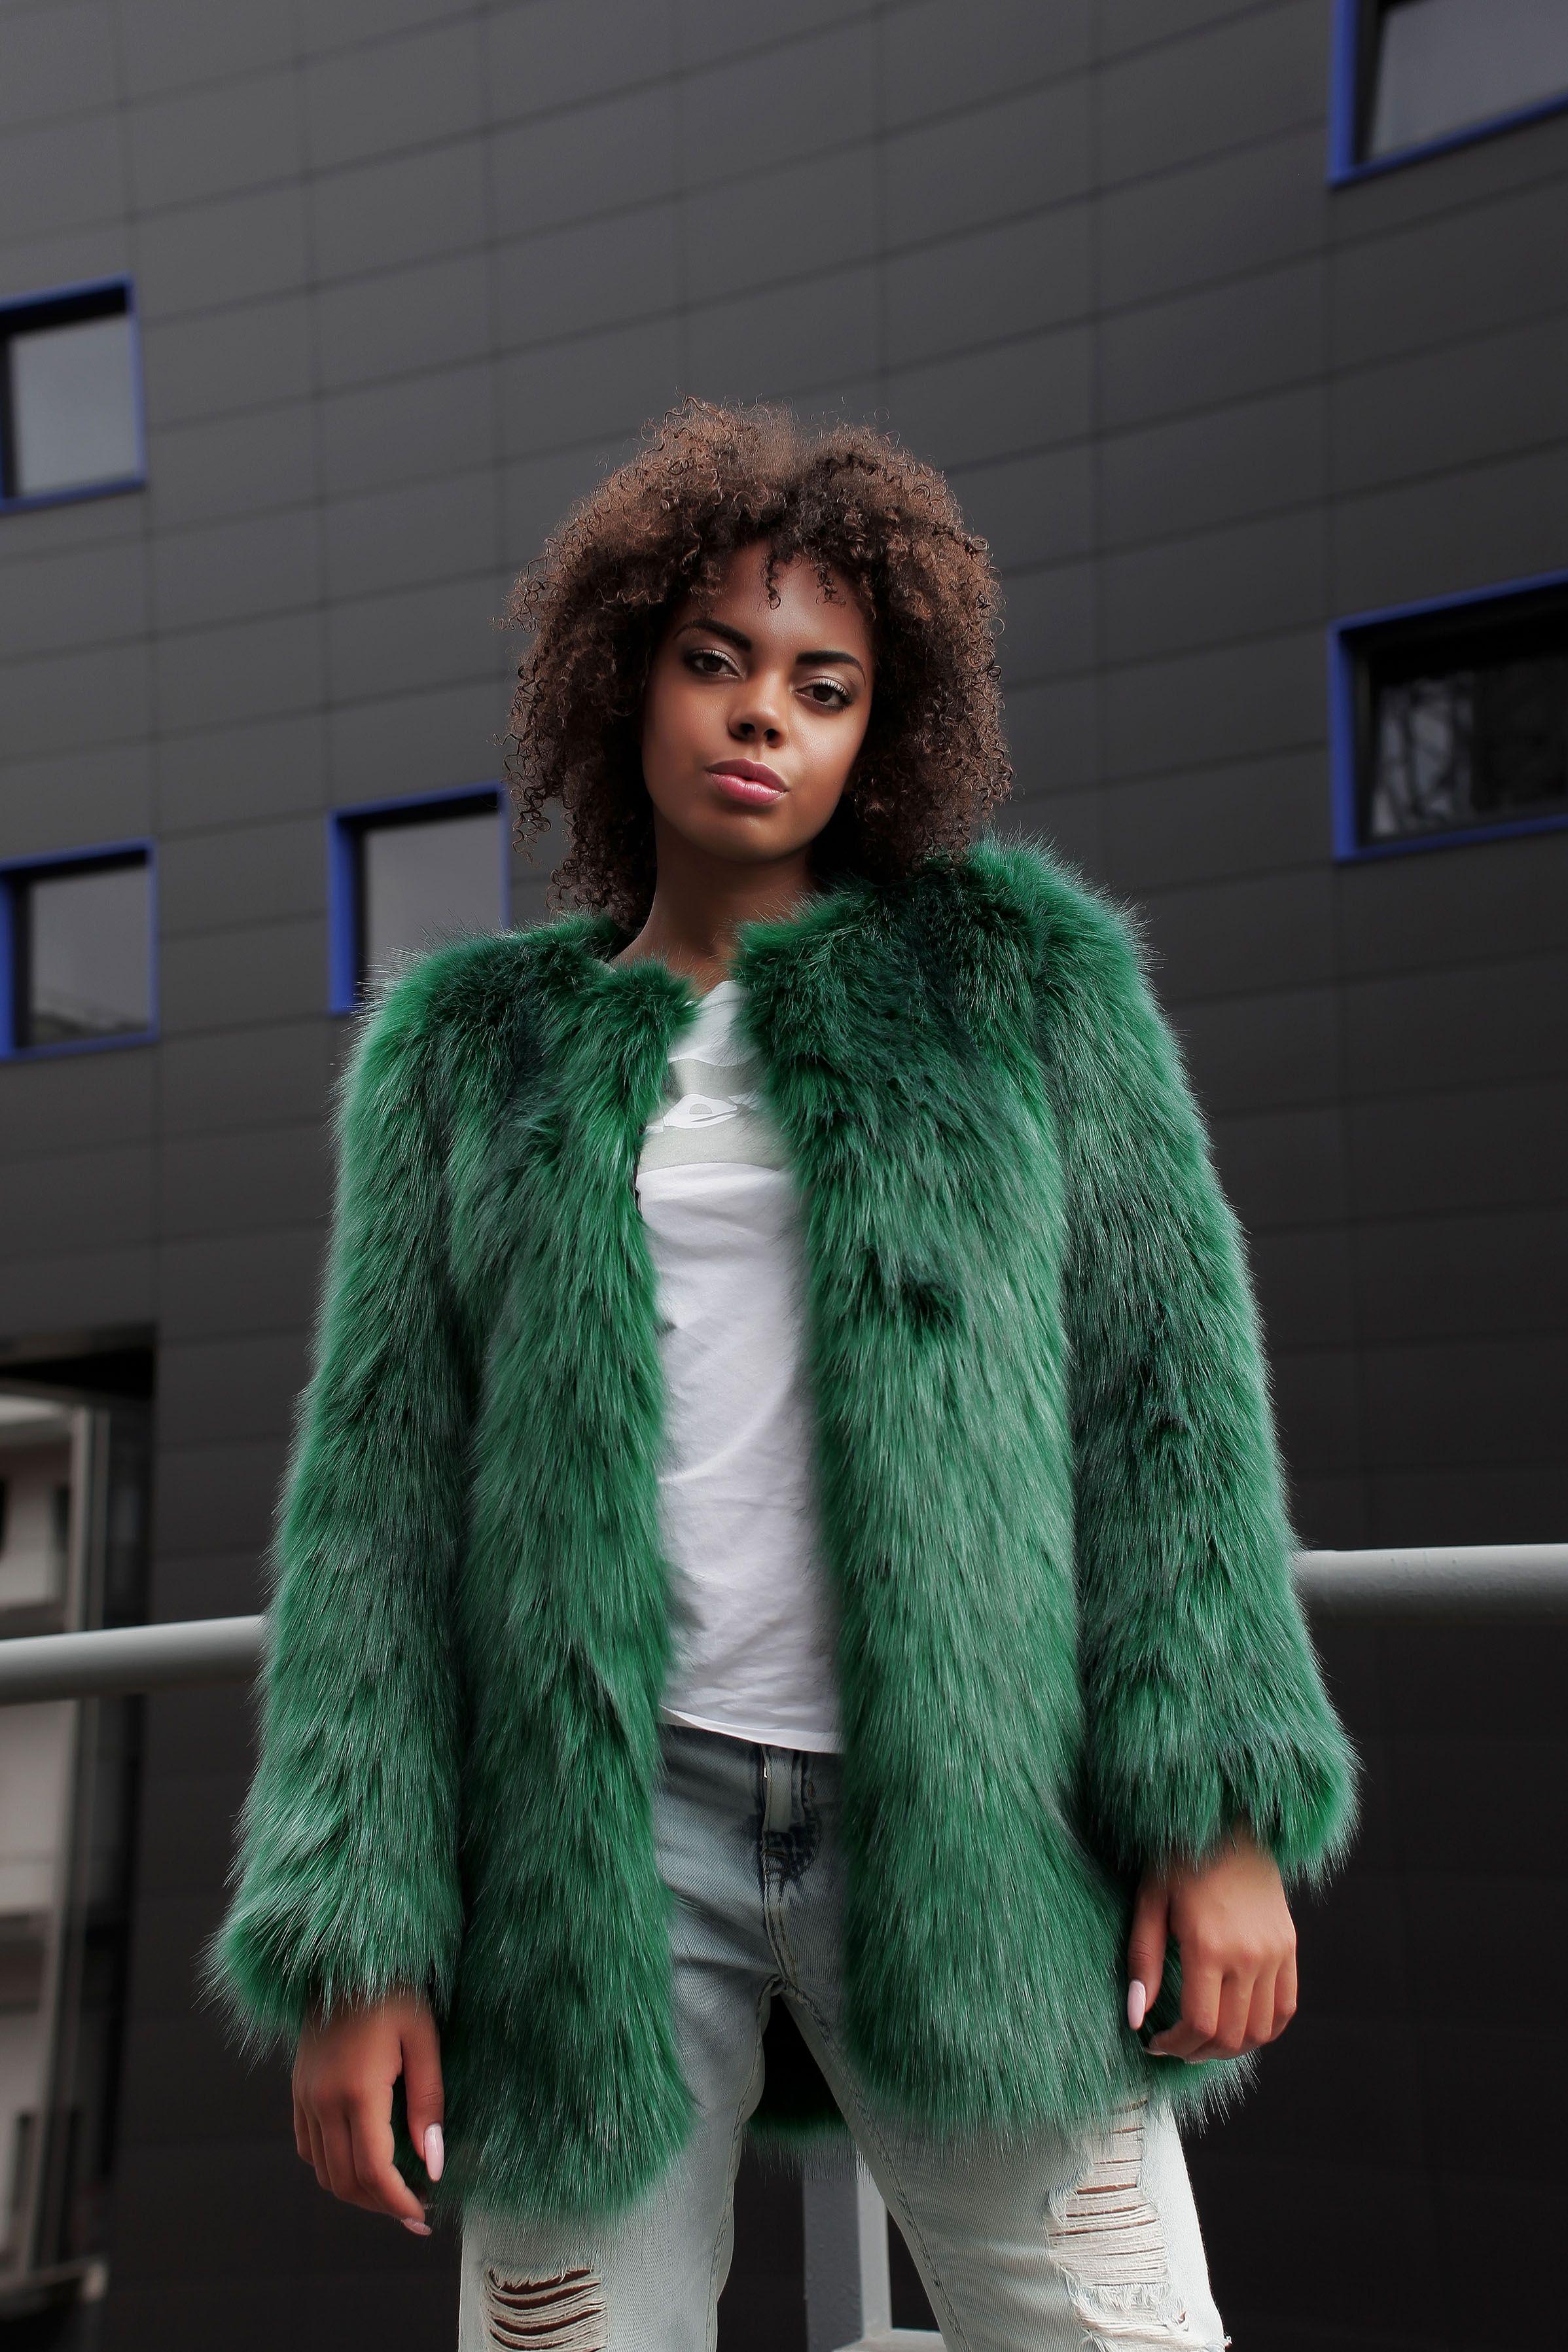 ac7b65b705f Emerald green artificial fur coat